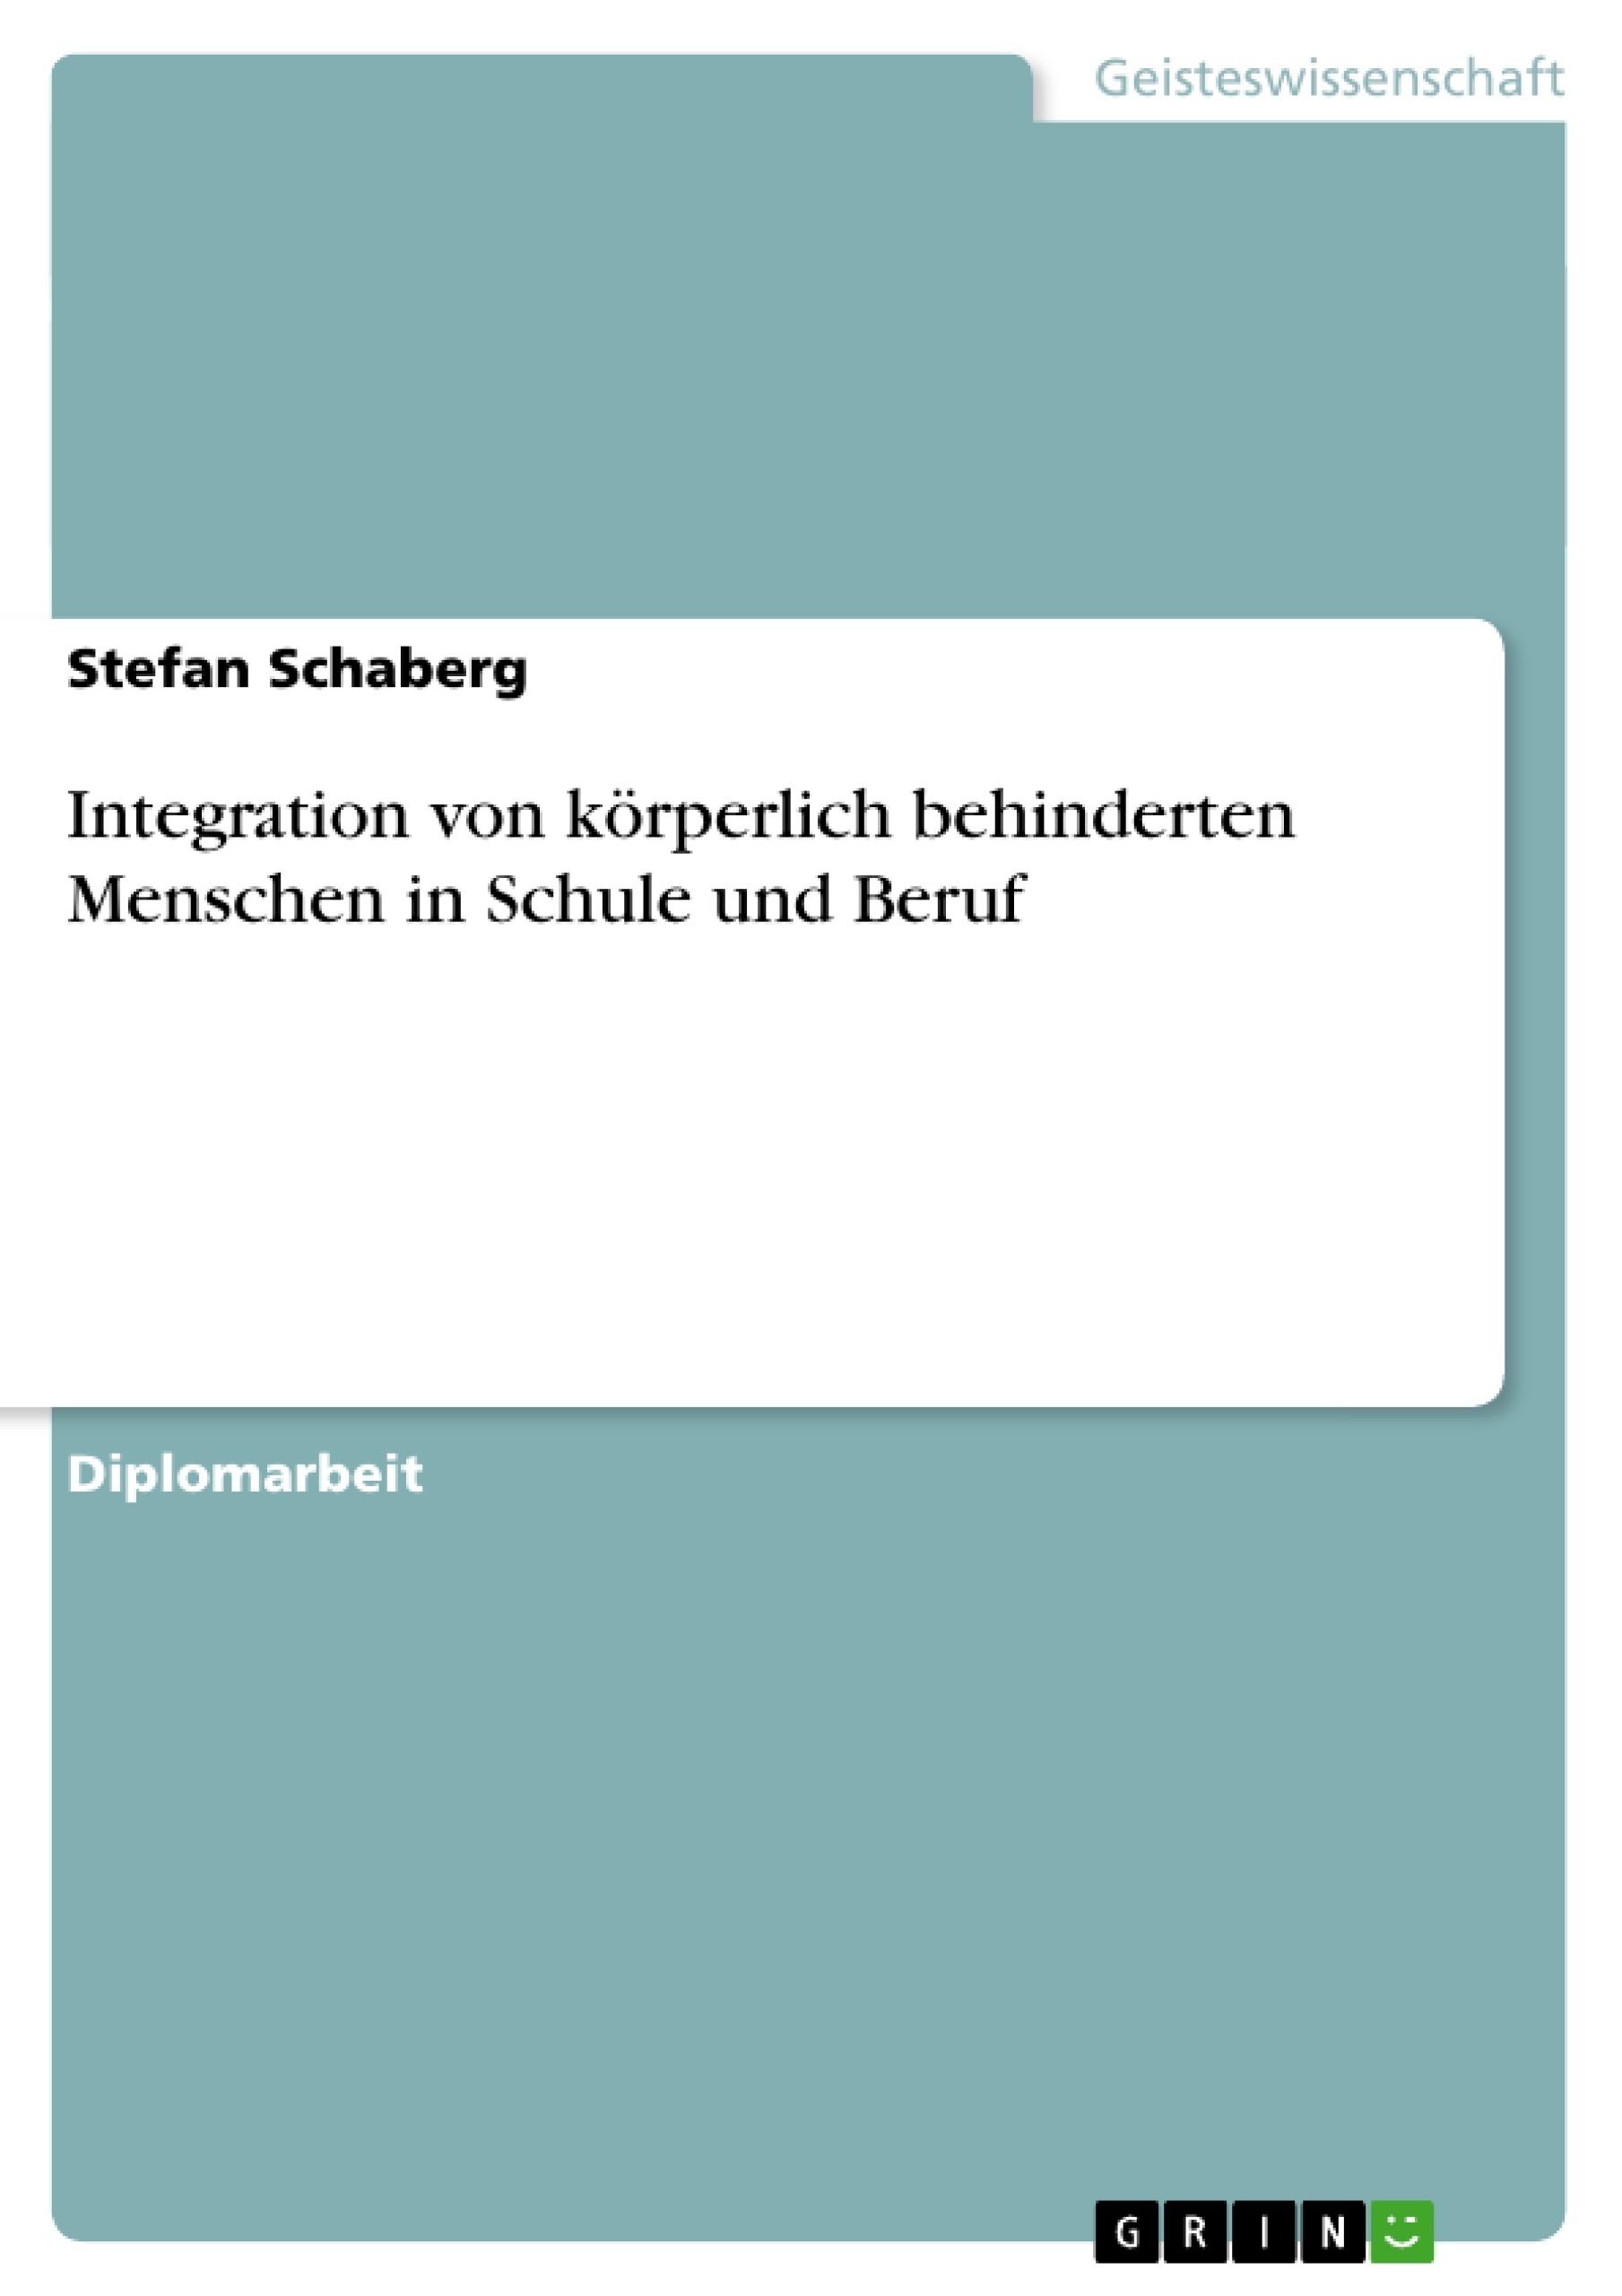 Titel: Integration von körperlich behinderten Menschen in Schule und Beruf